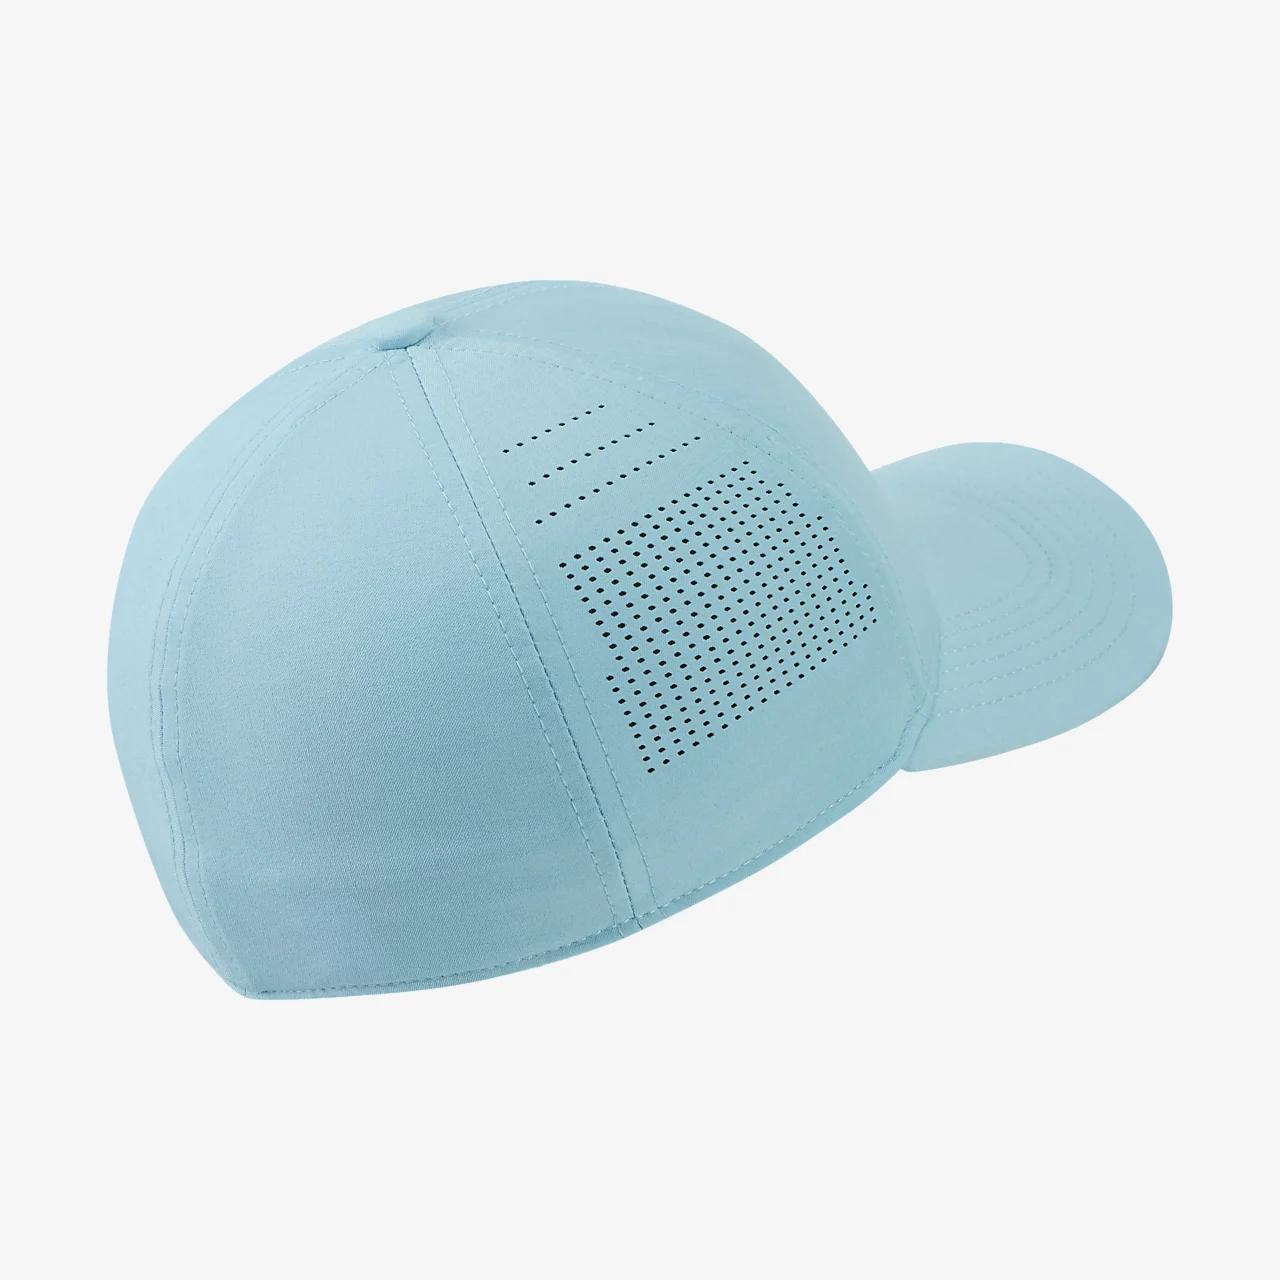 나이키 에어로빌 클래식 99 골프 모자 BV1073-486